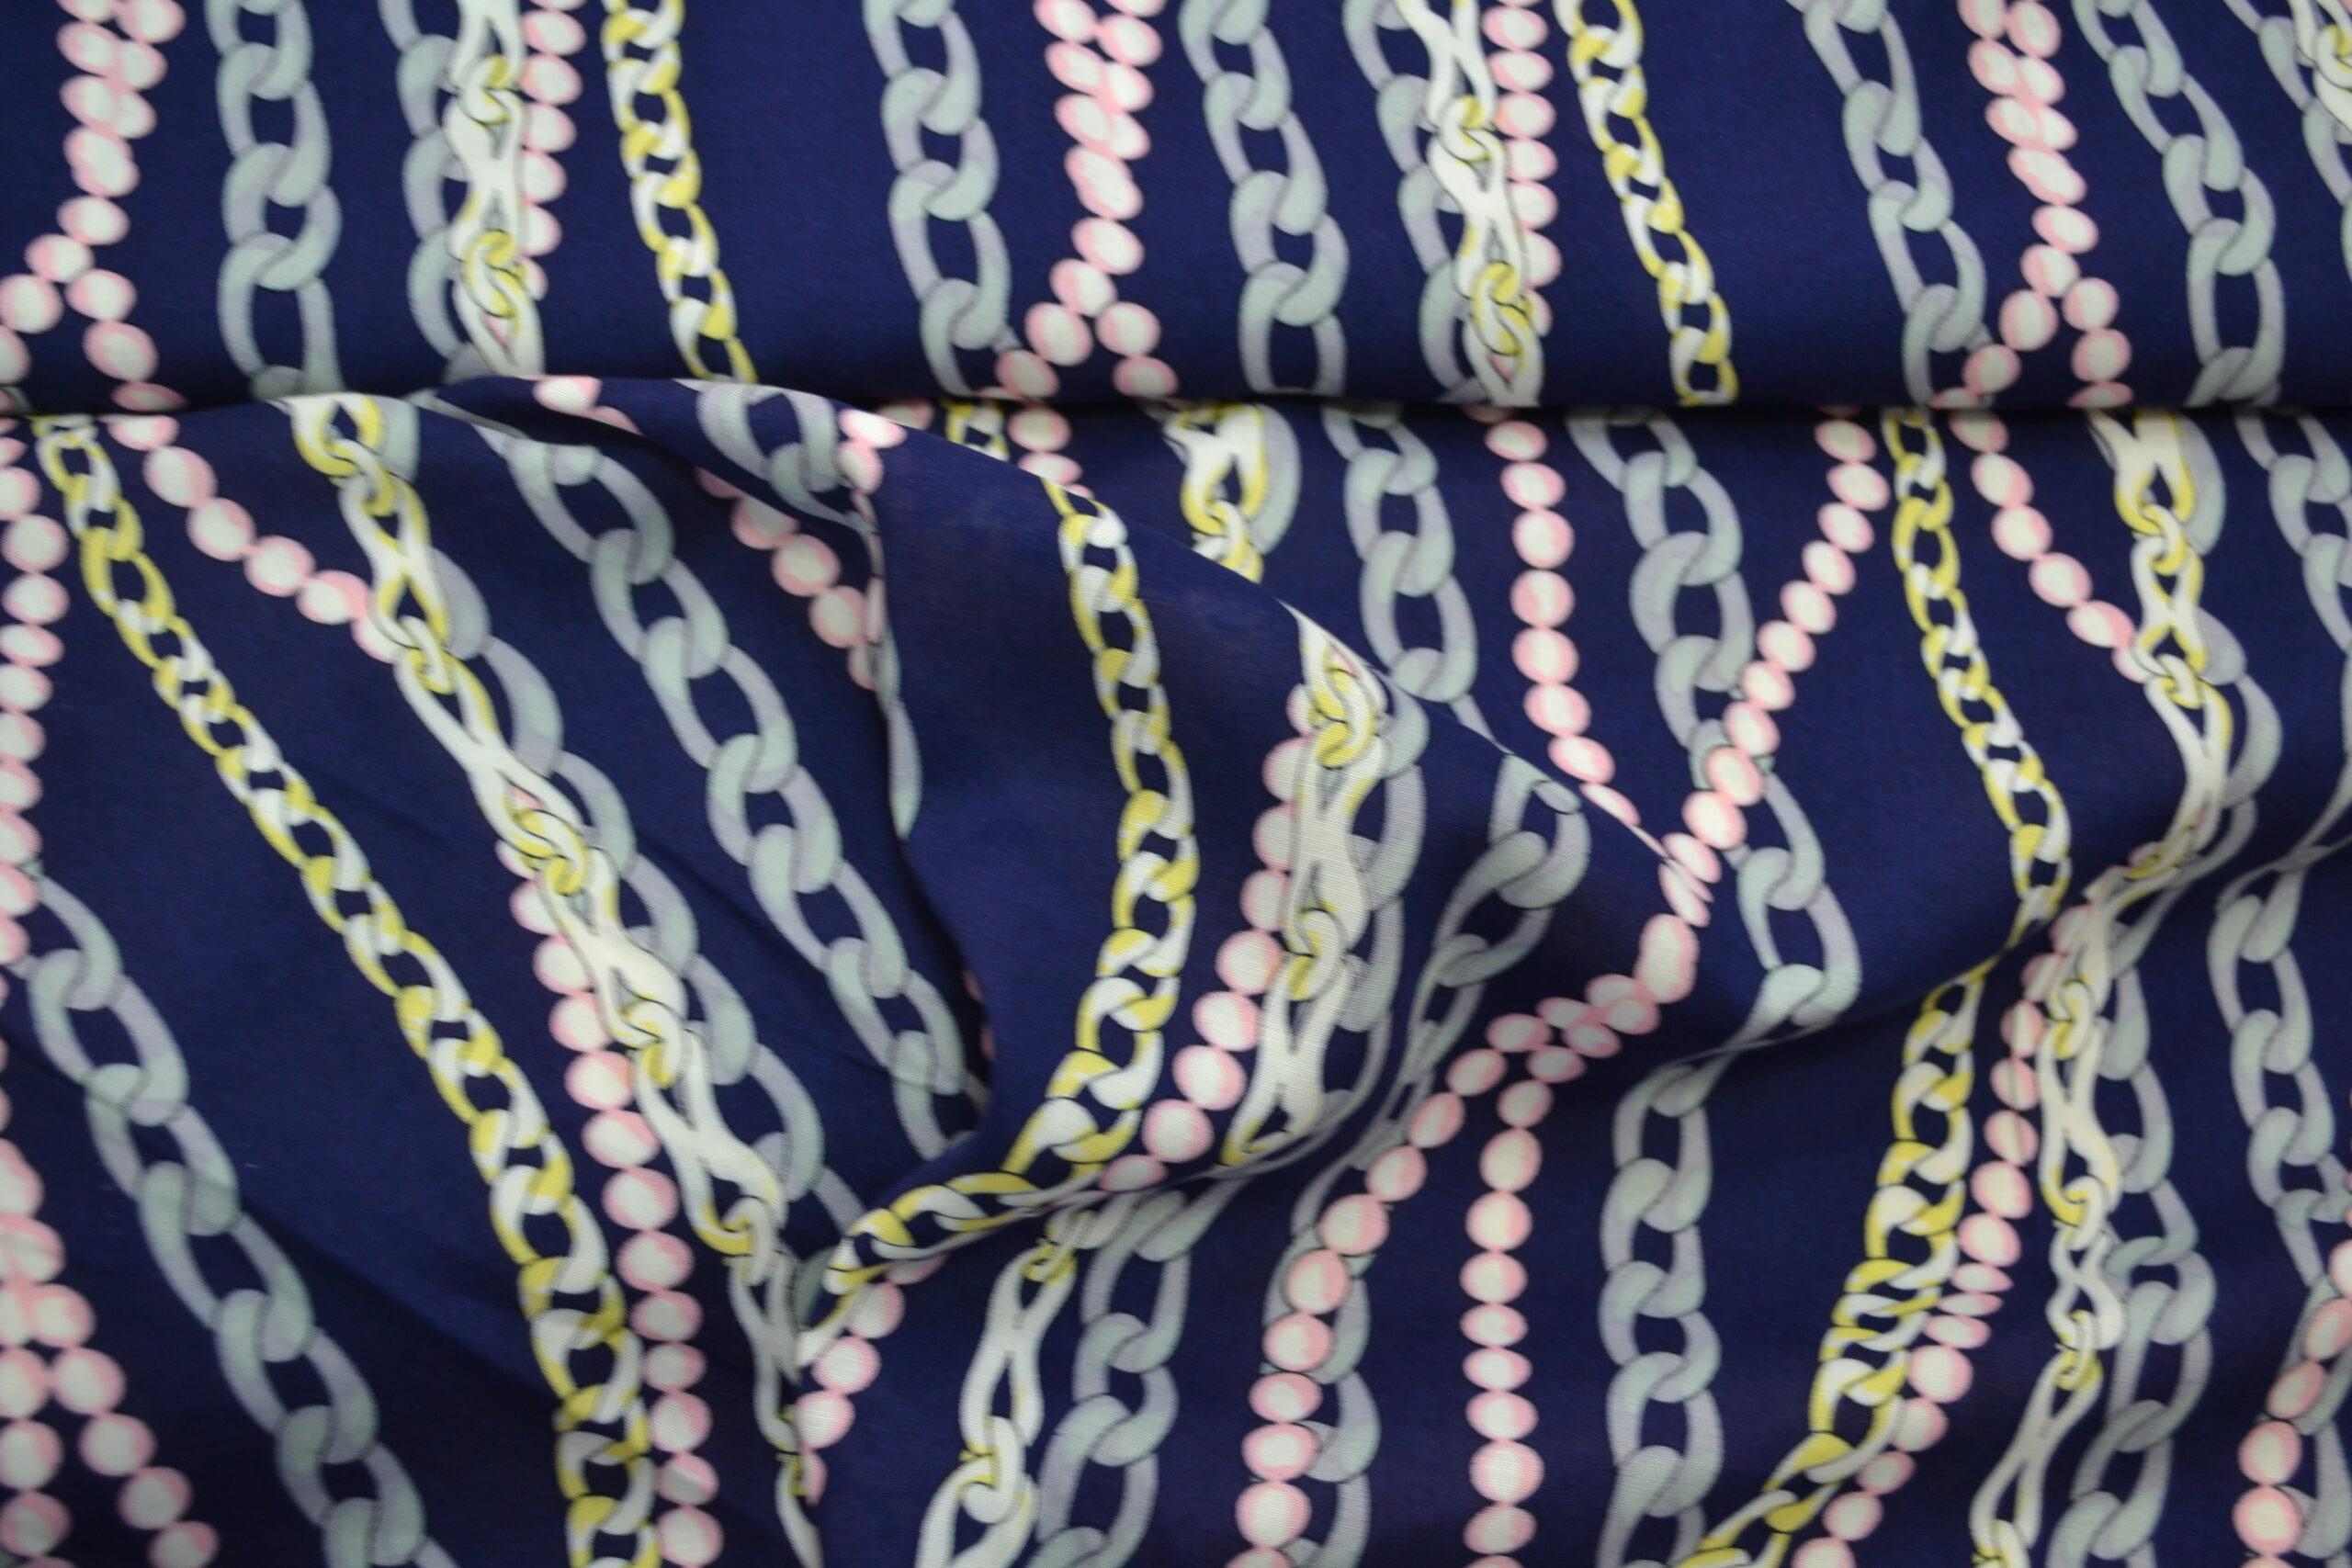 Штапель - что за ткань, что это такое за материал | описание и отзывы